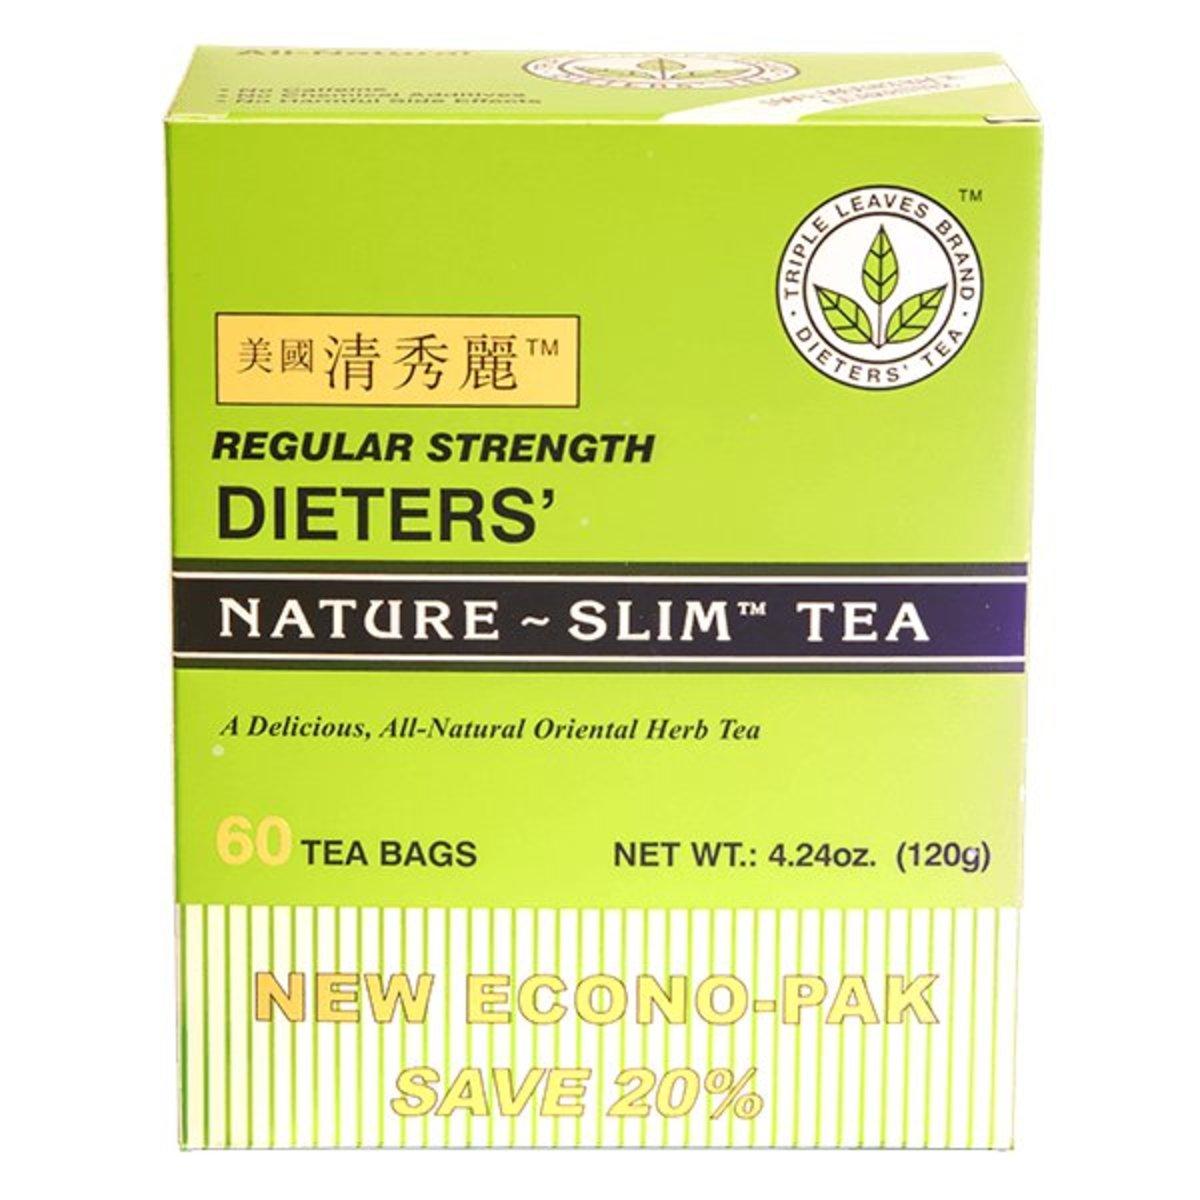 清秀麗減肥茶 (60 茶包)